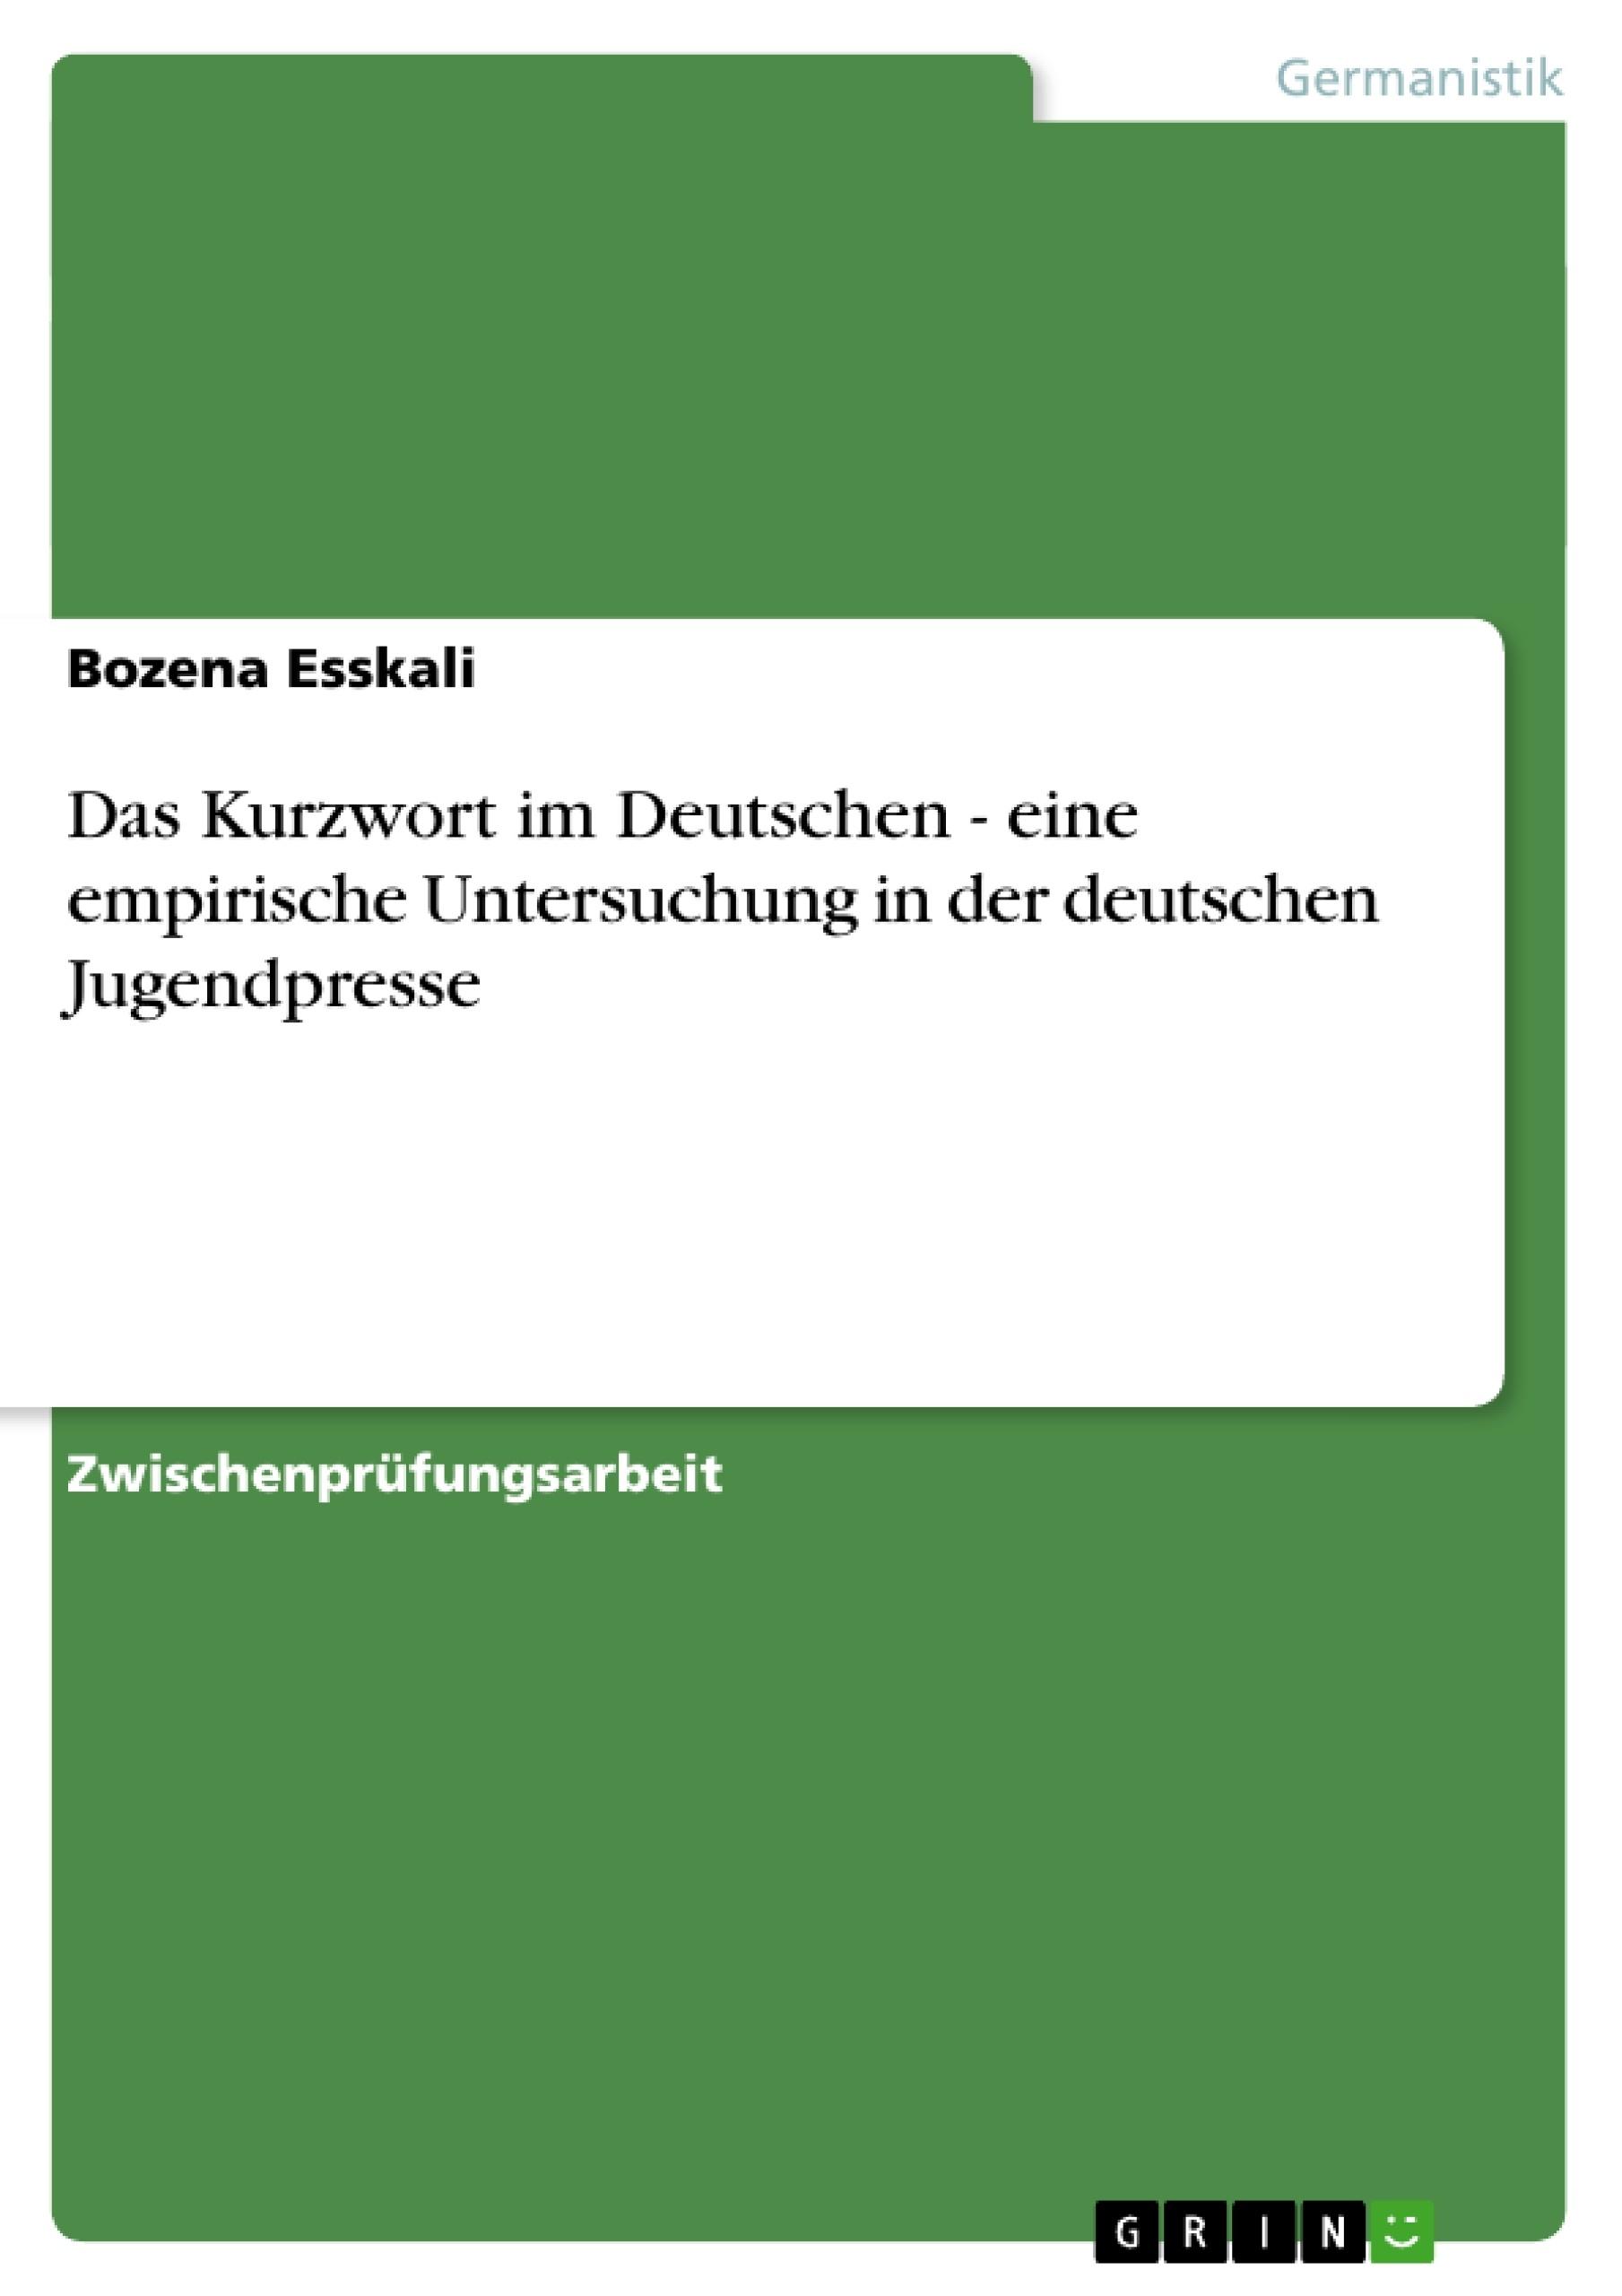 Titel: Das Kurzwort im Deutschen - eine empirische Untersuchung in der deutschen Jugendpresse